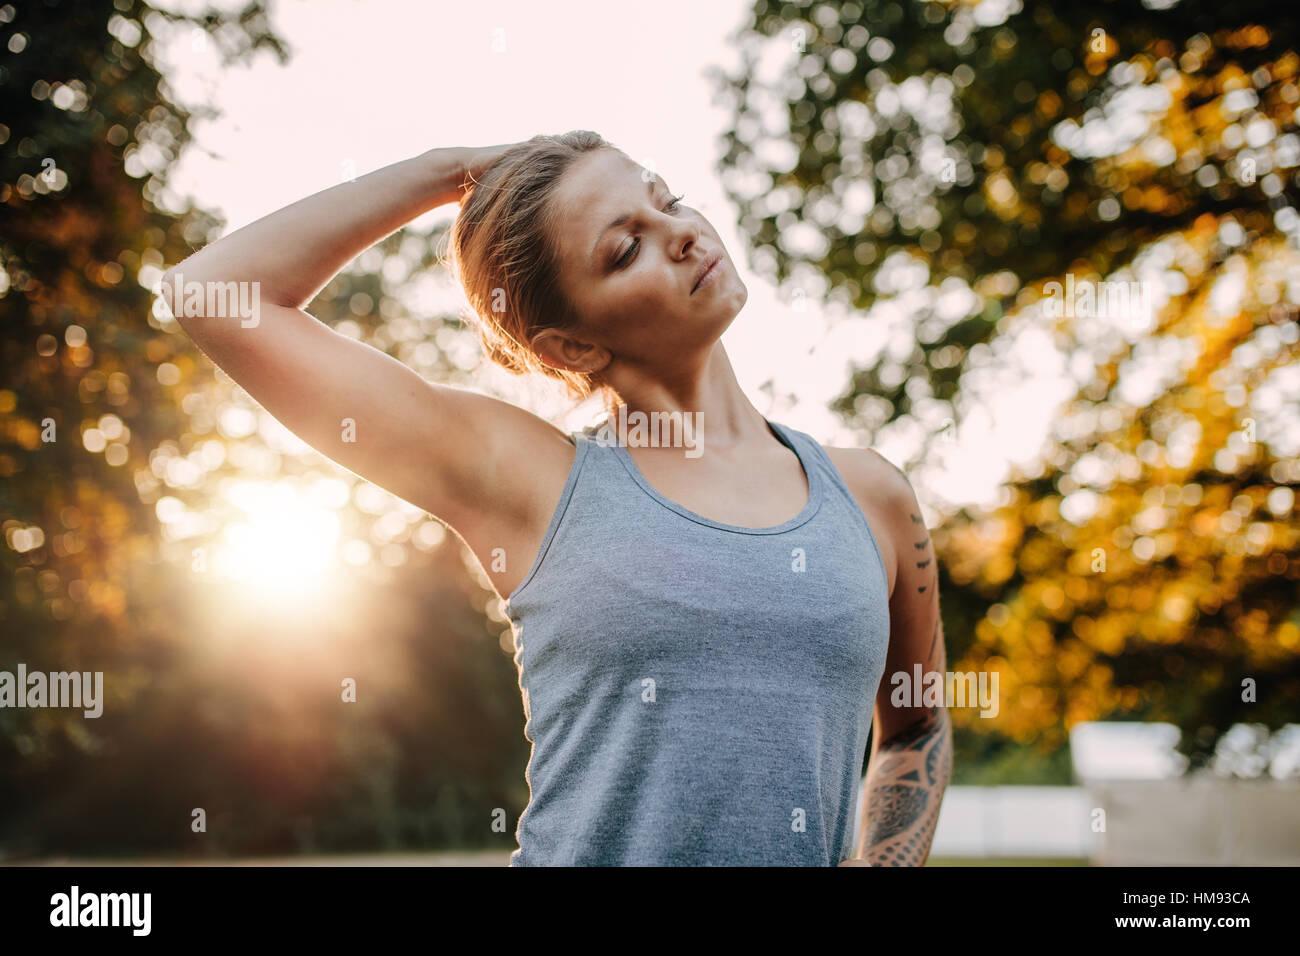 Porträt von gesunden jungen Frau dehnen ihren Hals im Freien. Kaukasische Fitness-Modell Aufwärmen im Stockbild